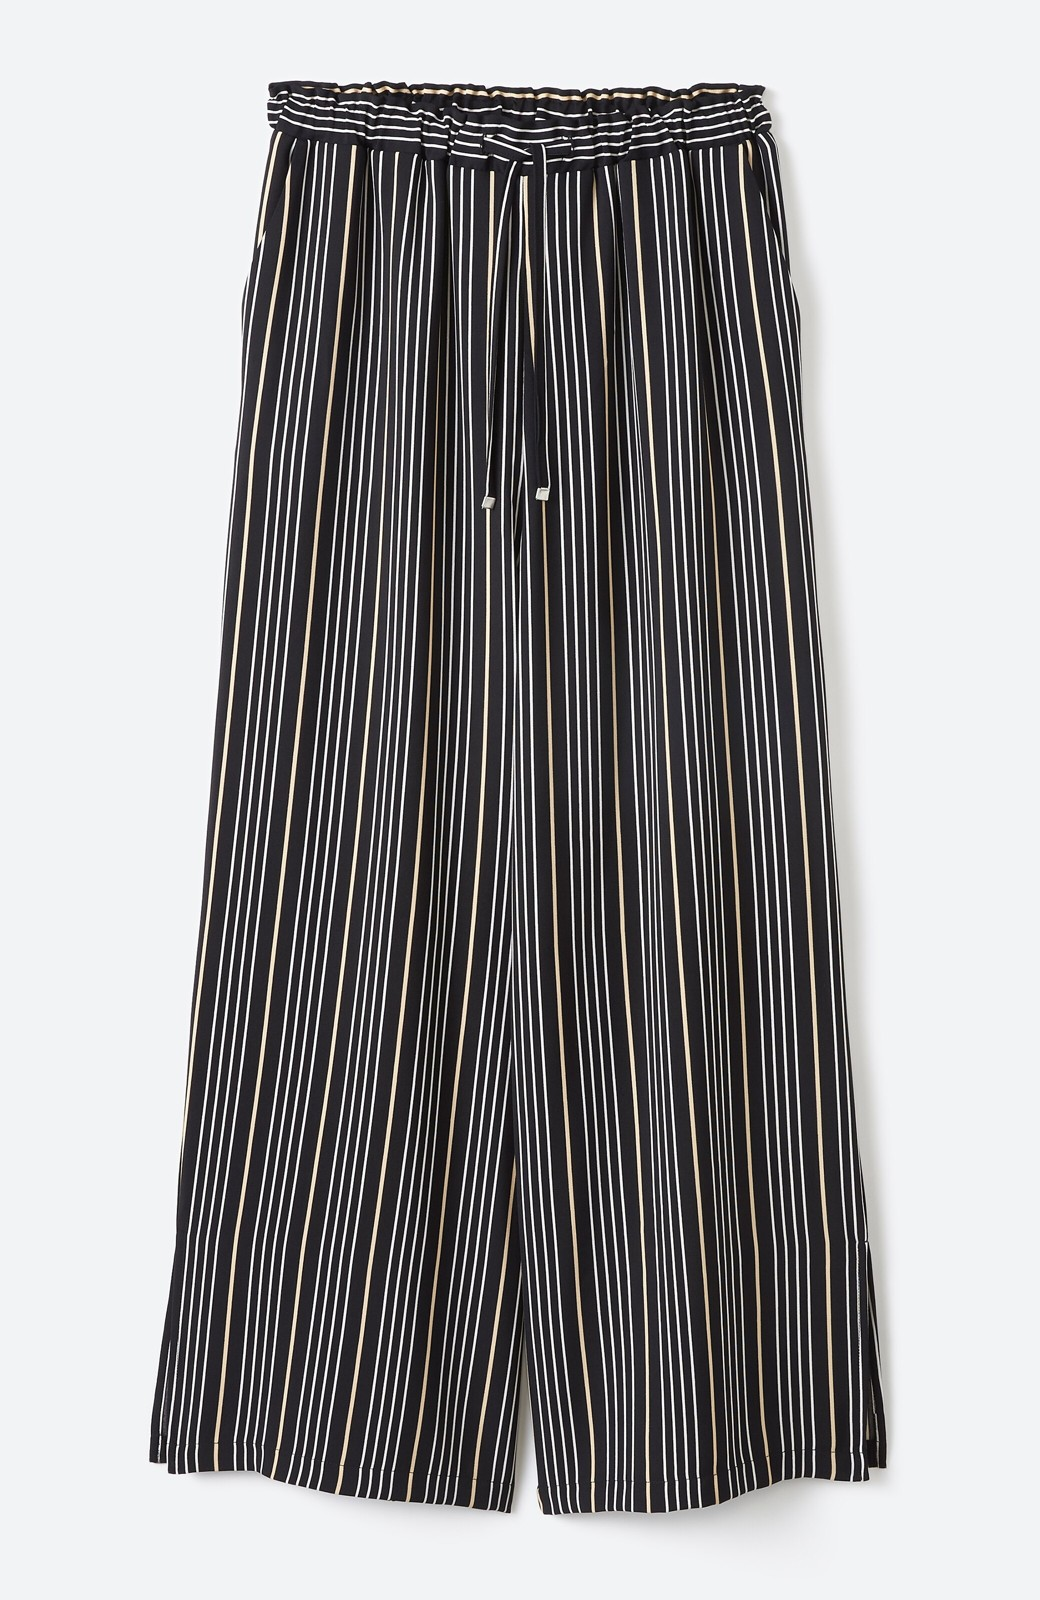 haco! パッとはくだけで着映えはもちろん 重ね着にも便利なストライプワイドパンツ <ブラック系その他>の商品写真28